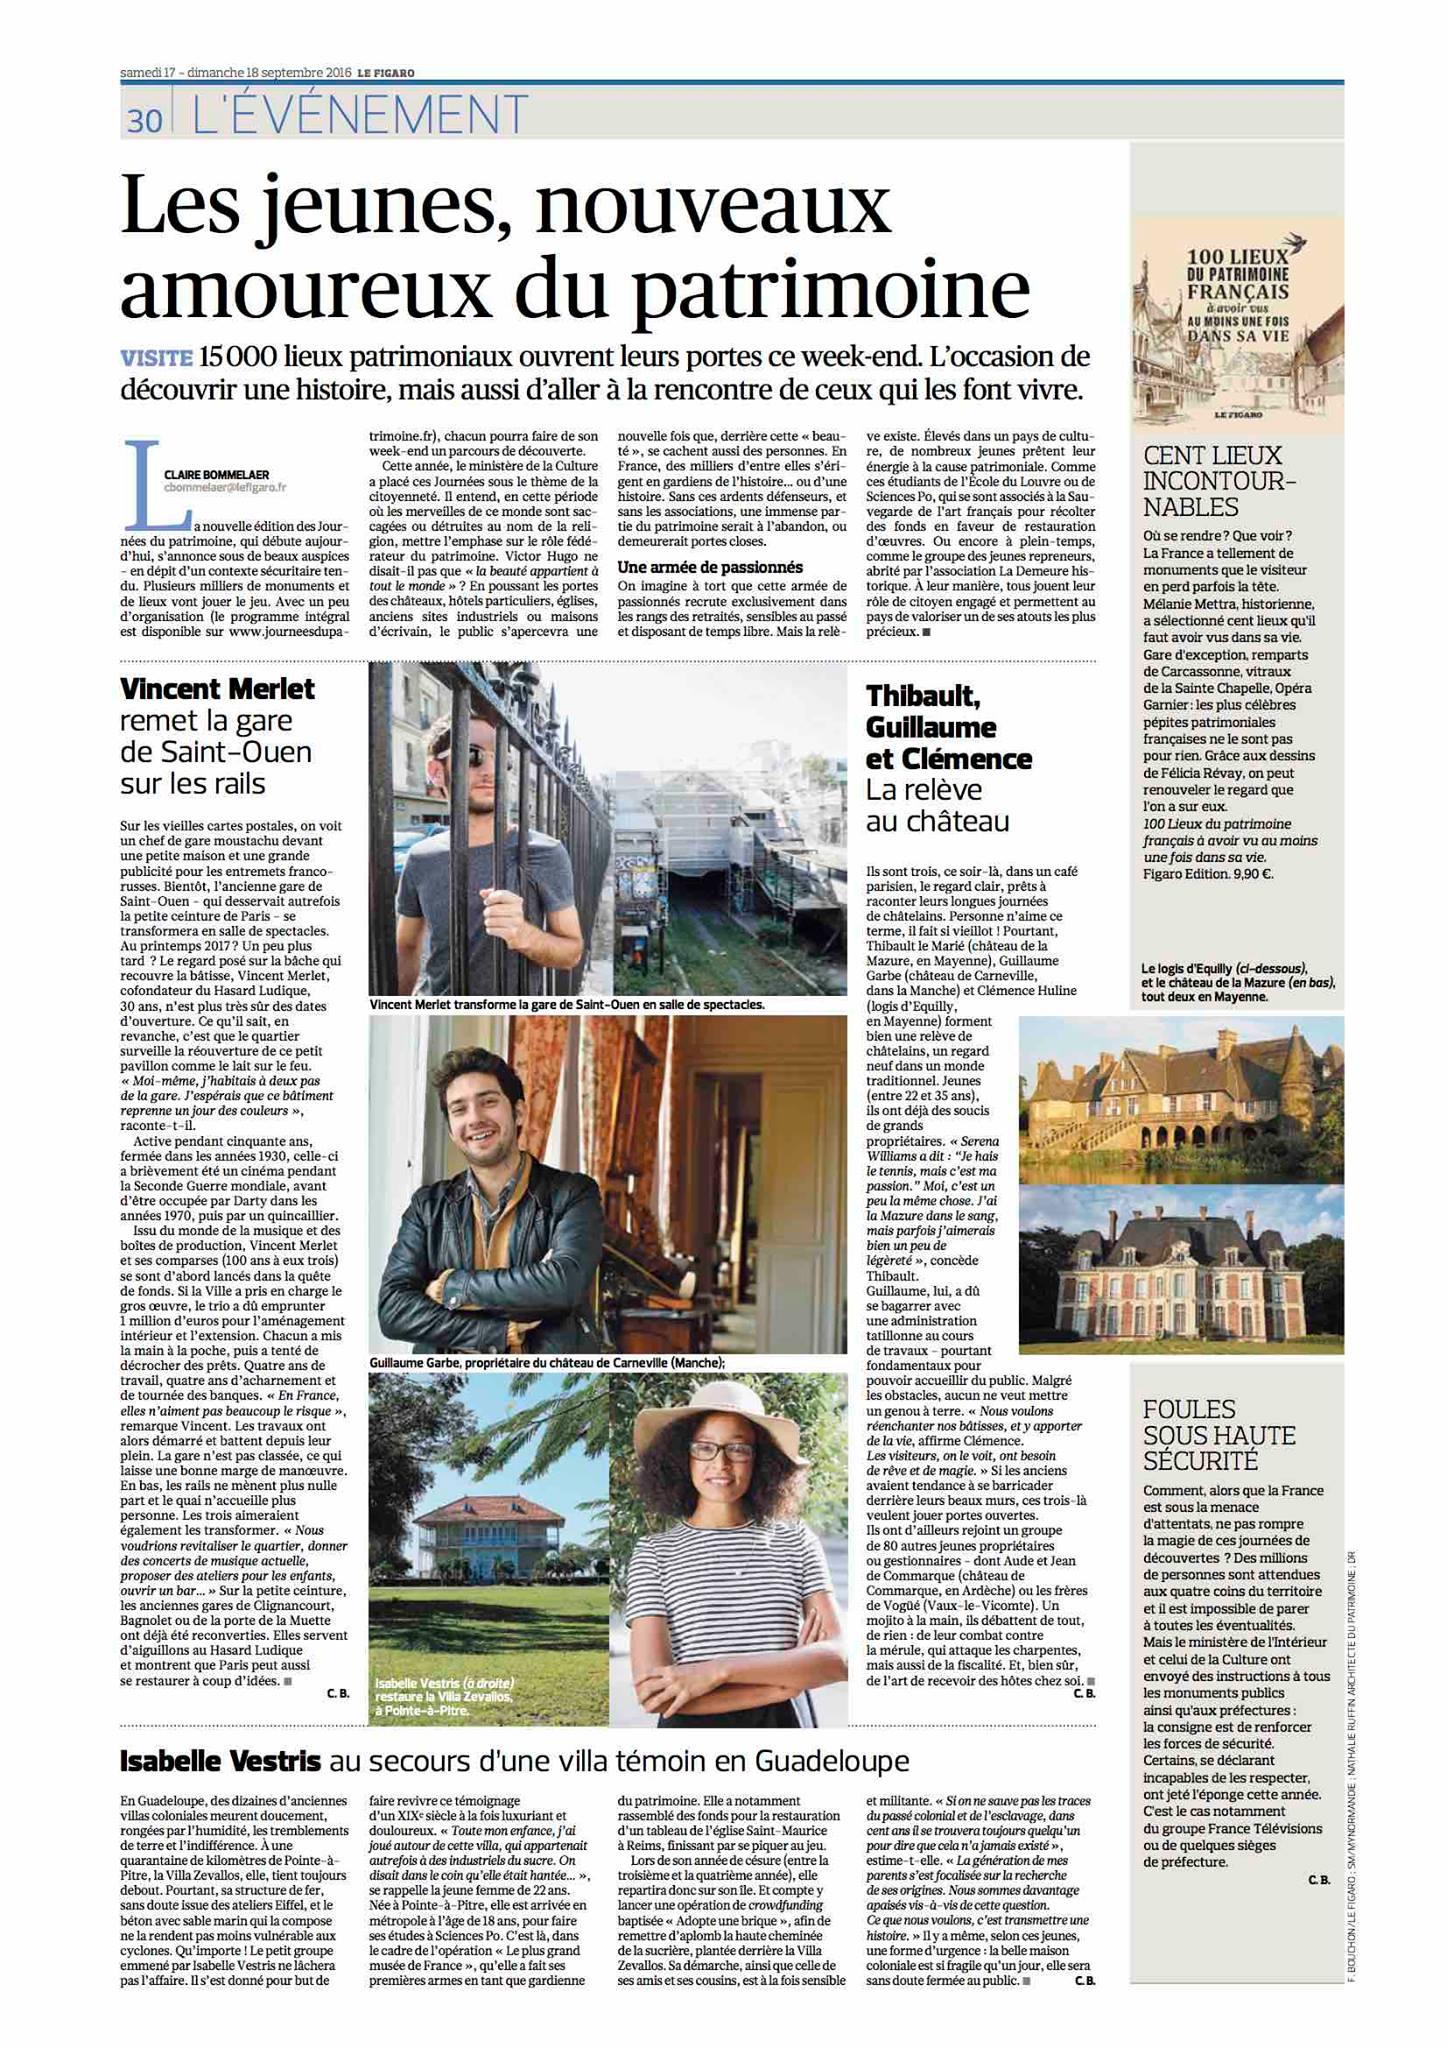 Article dans le Figaro